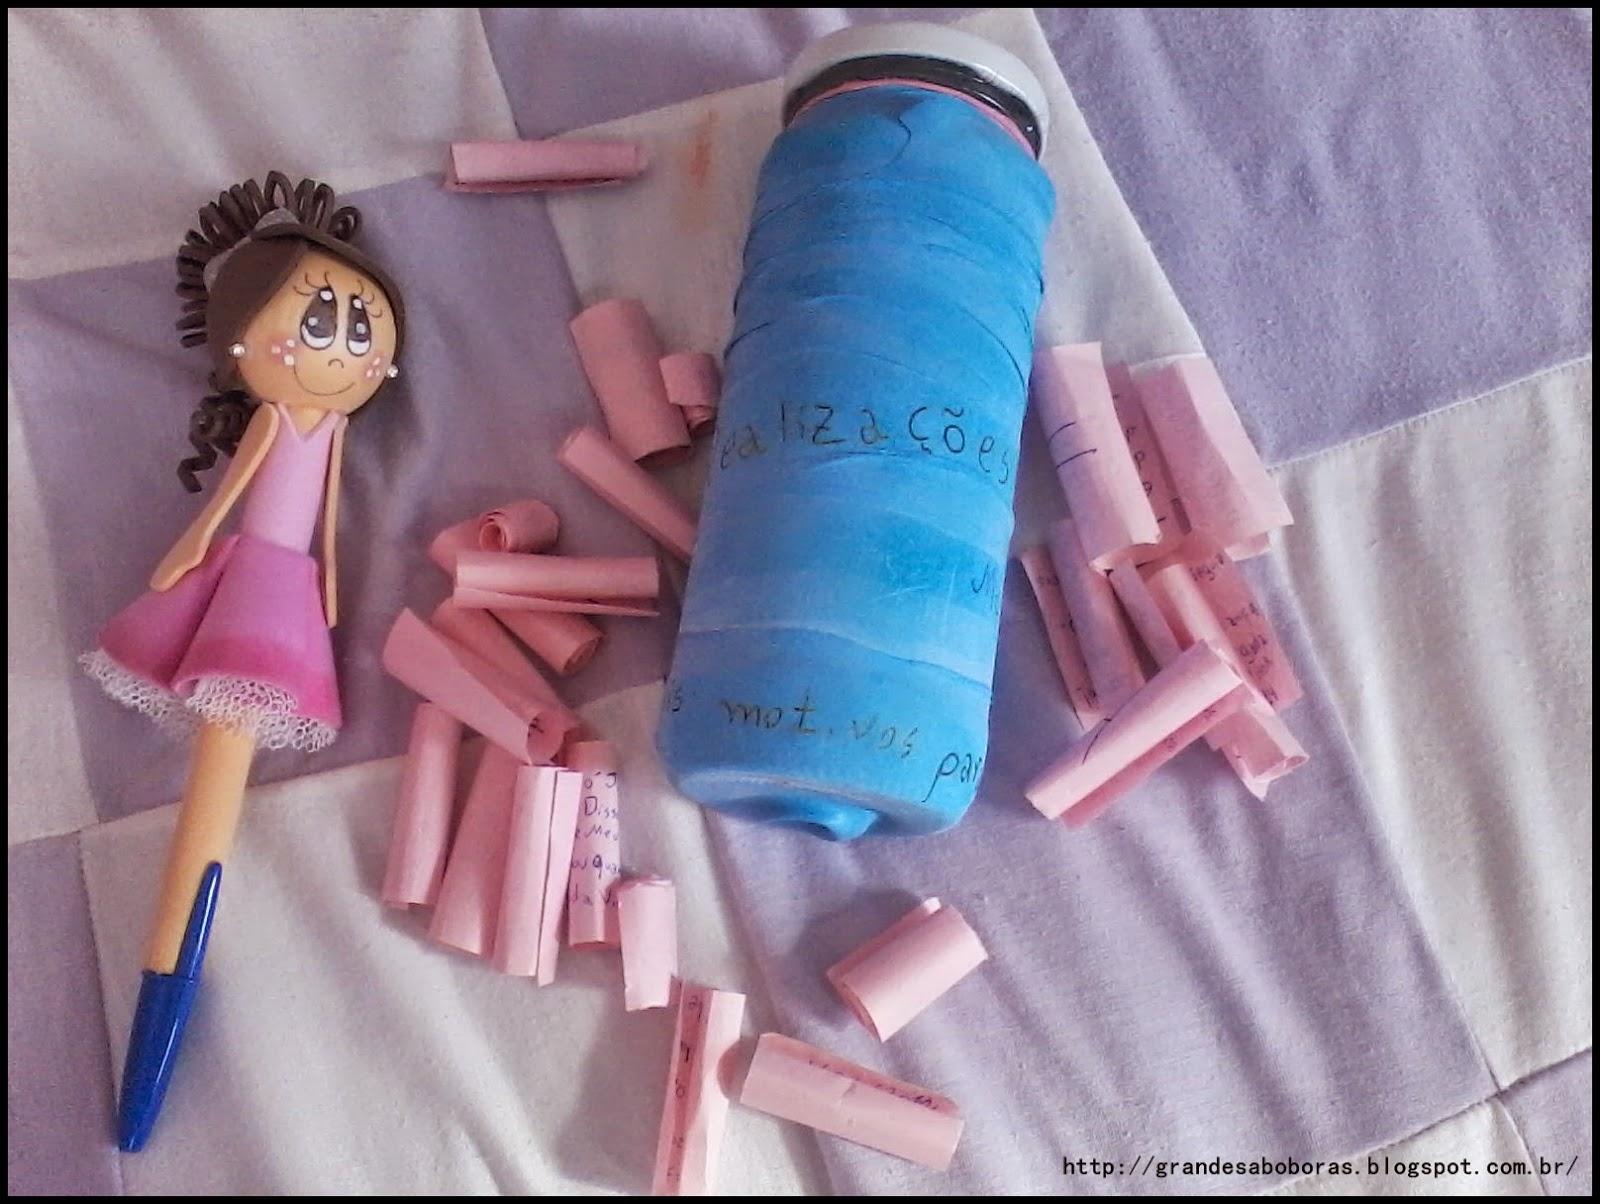 grandesaboboras.blogspot.com.br